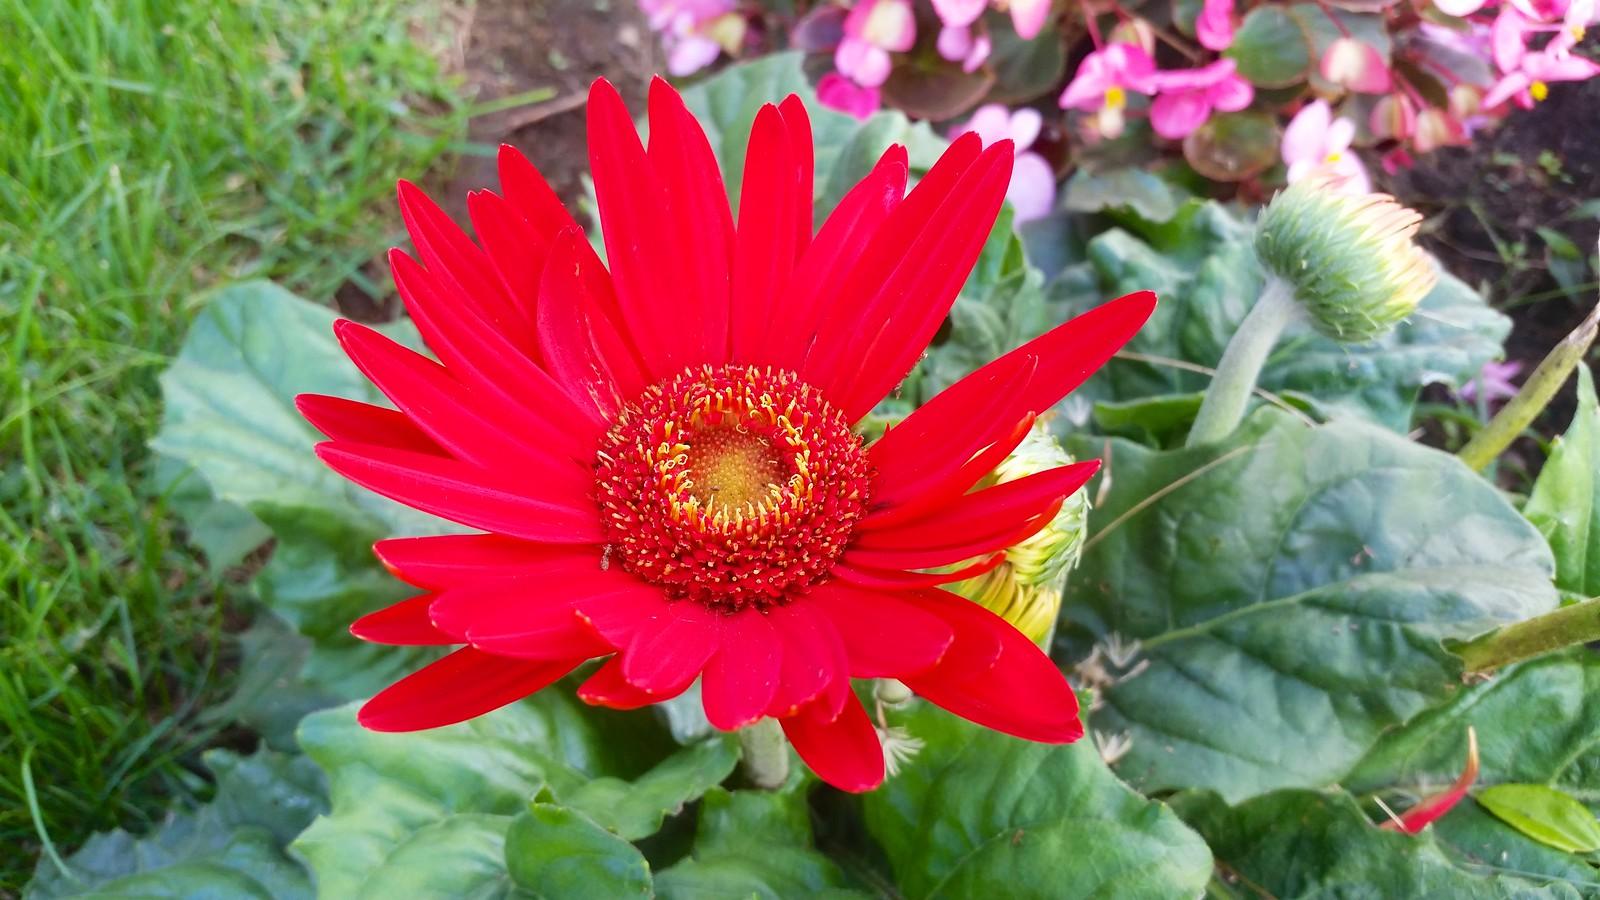 Pretty red flower joe shlabotnik flickr mightylinksfo